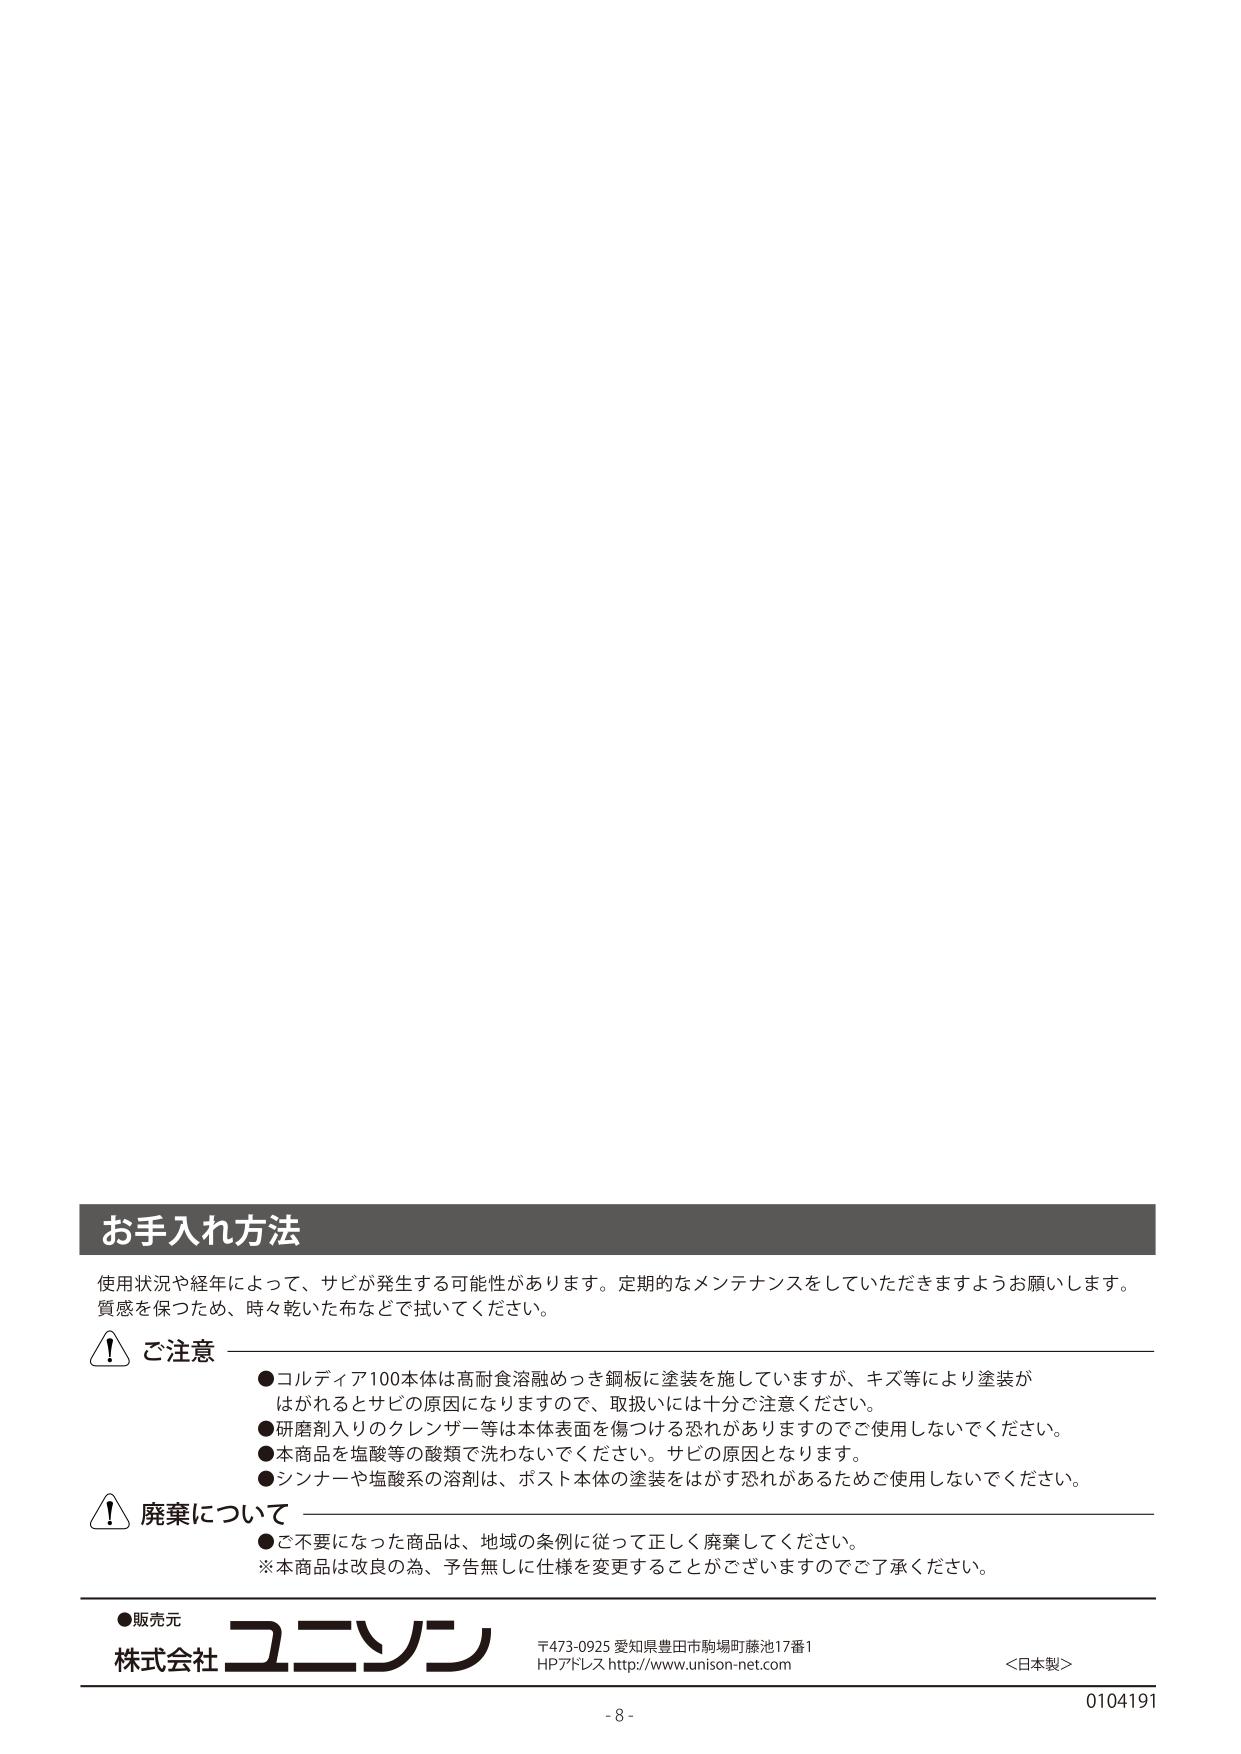 コルディアラックLS100_取扱説明書_page-0008